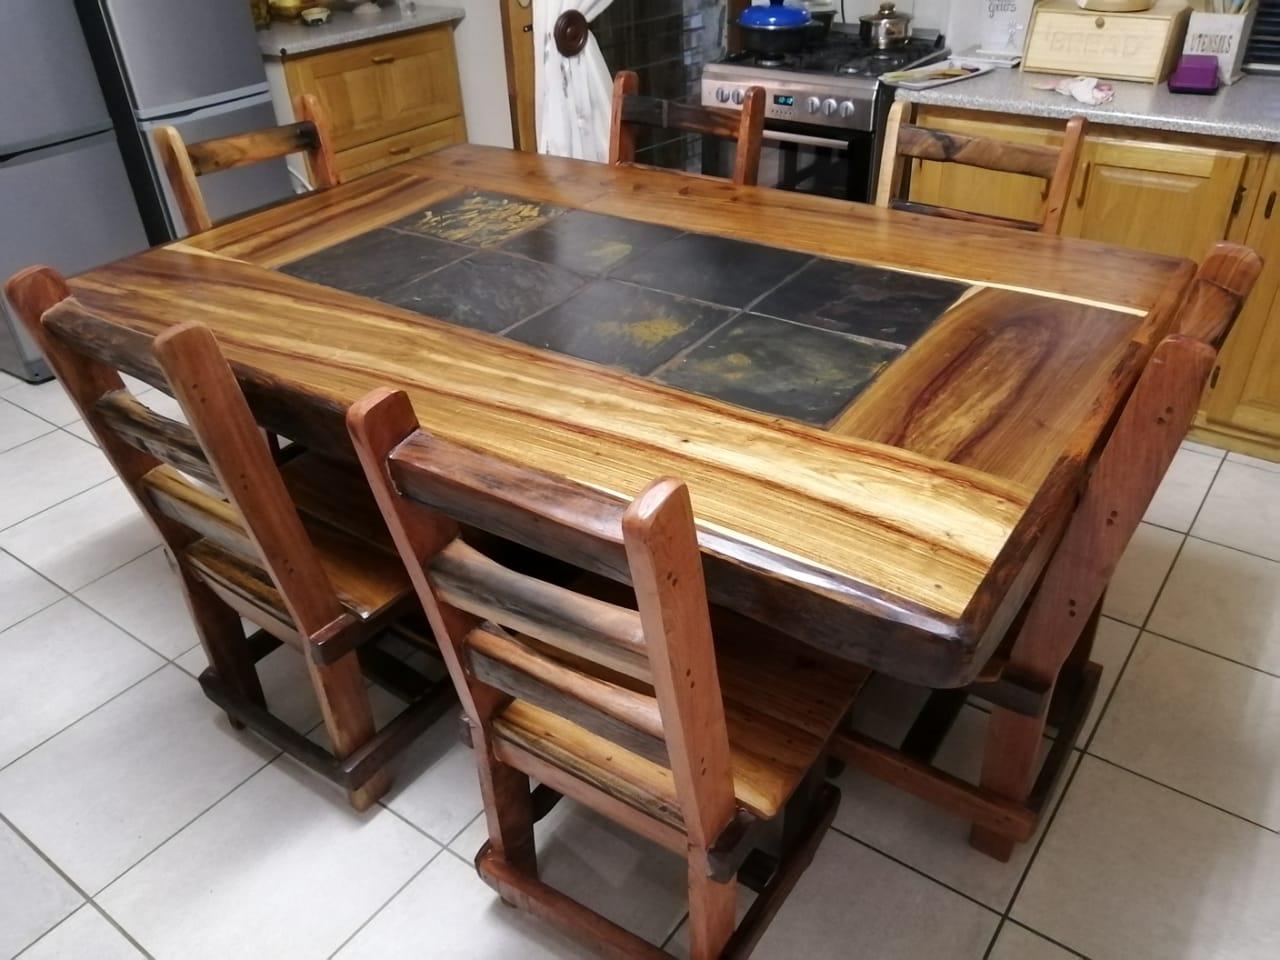 6 seater diningroom suite 6900  & 4 laai buffet kas 4000